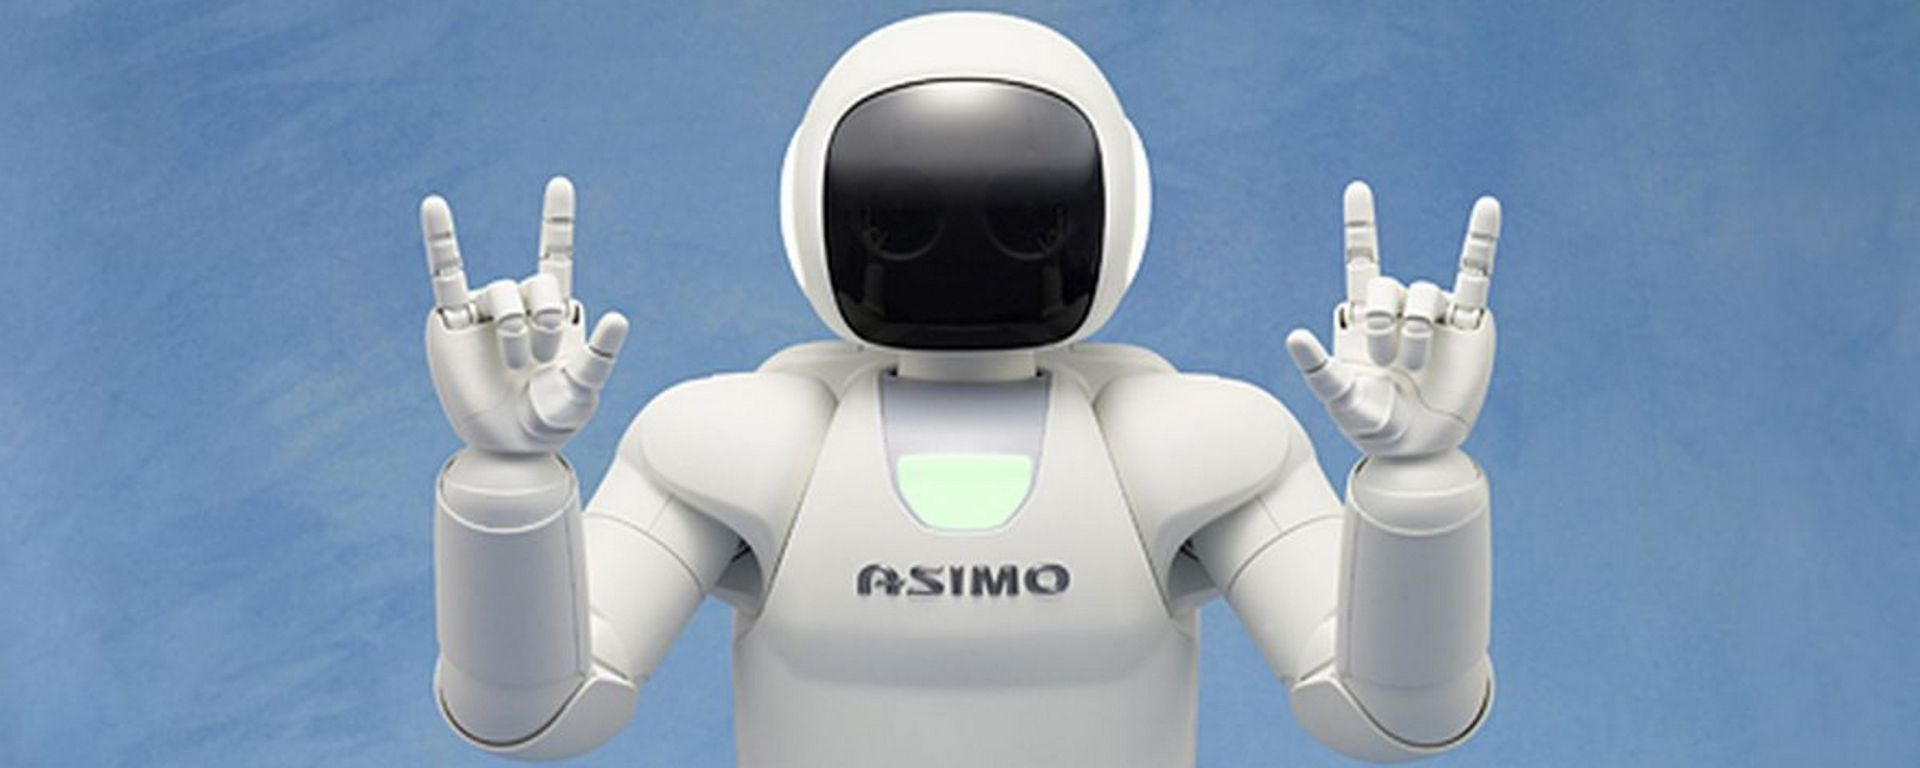 ASIMO è stato per anni il robot più famoso del Mondo